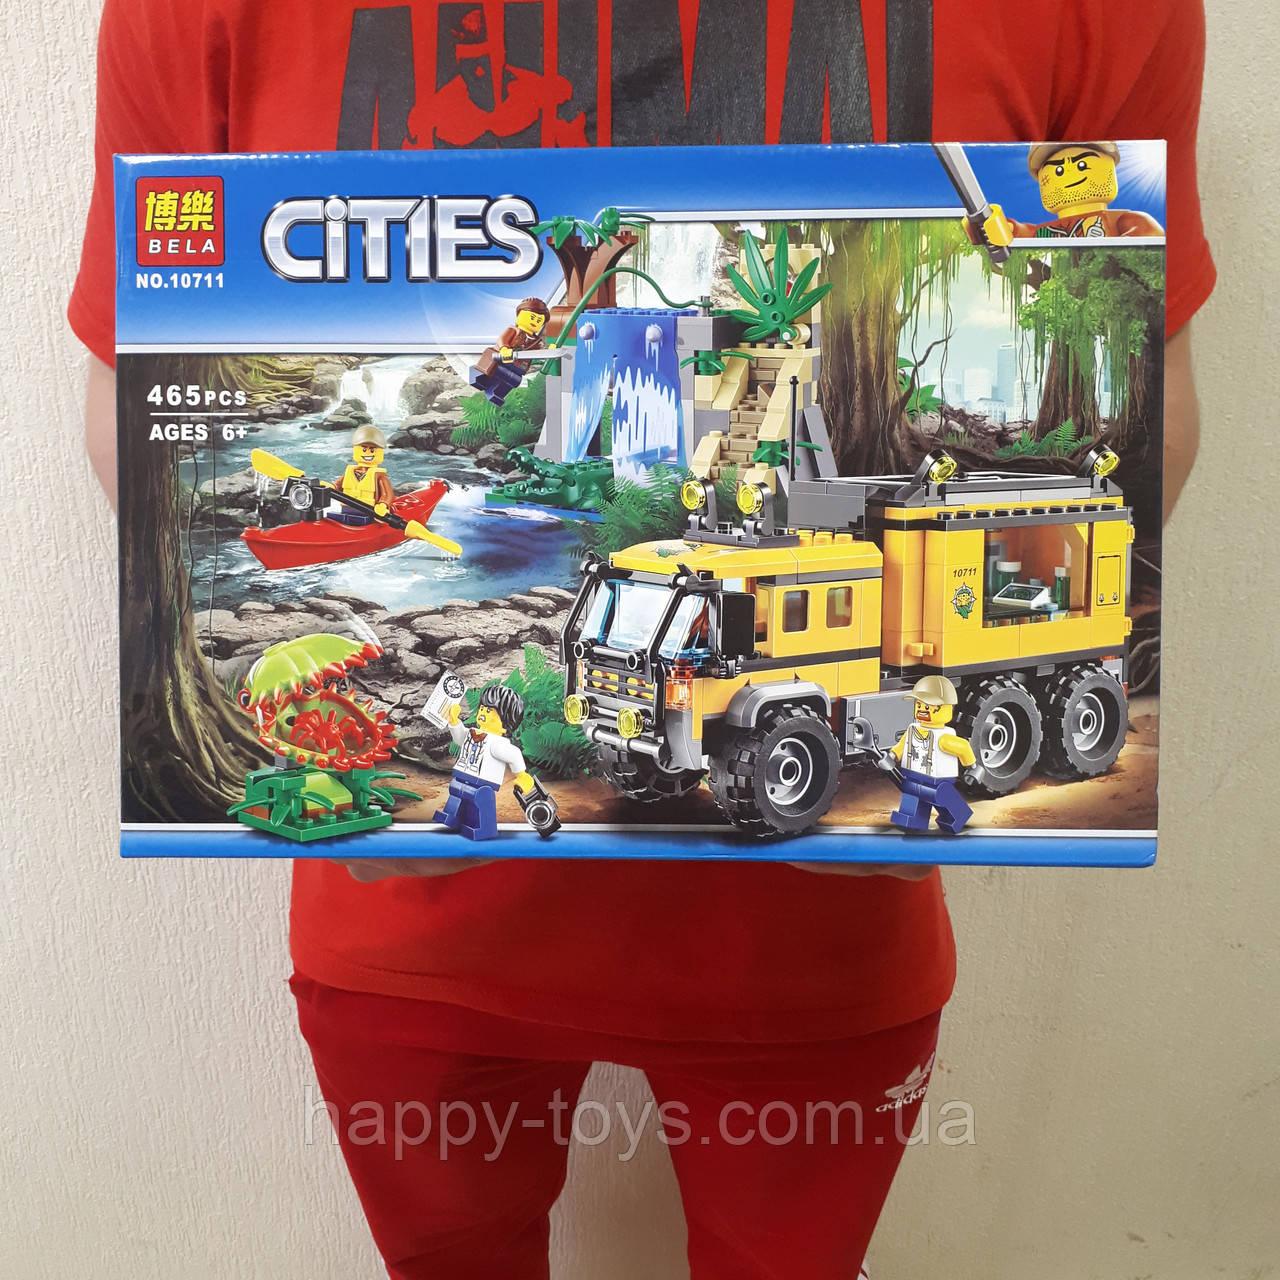 Конструктор Bela Cities 10711 Исследователи джунглей 465 деталей